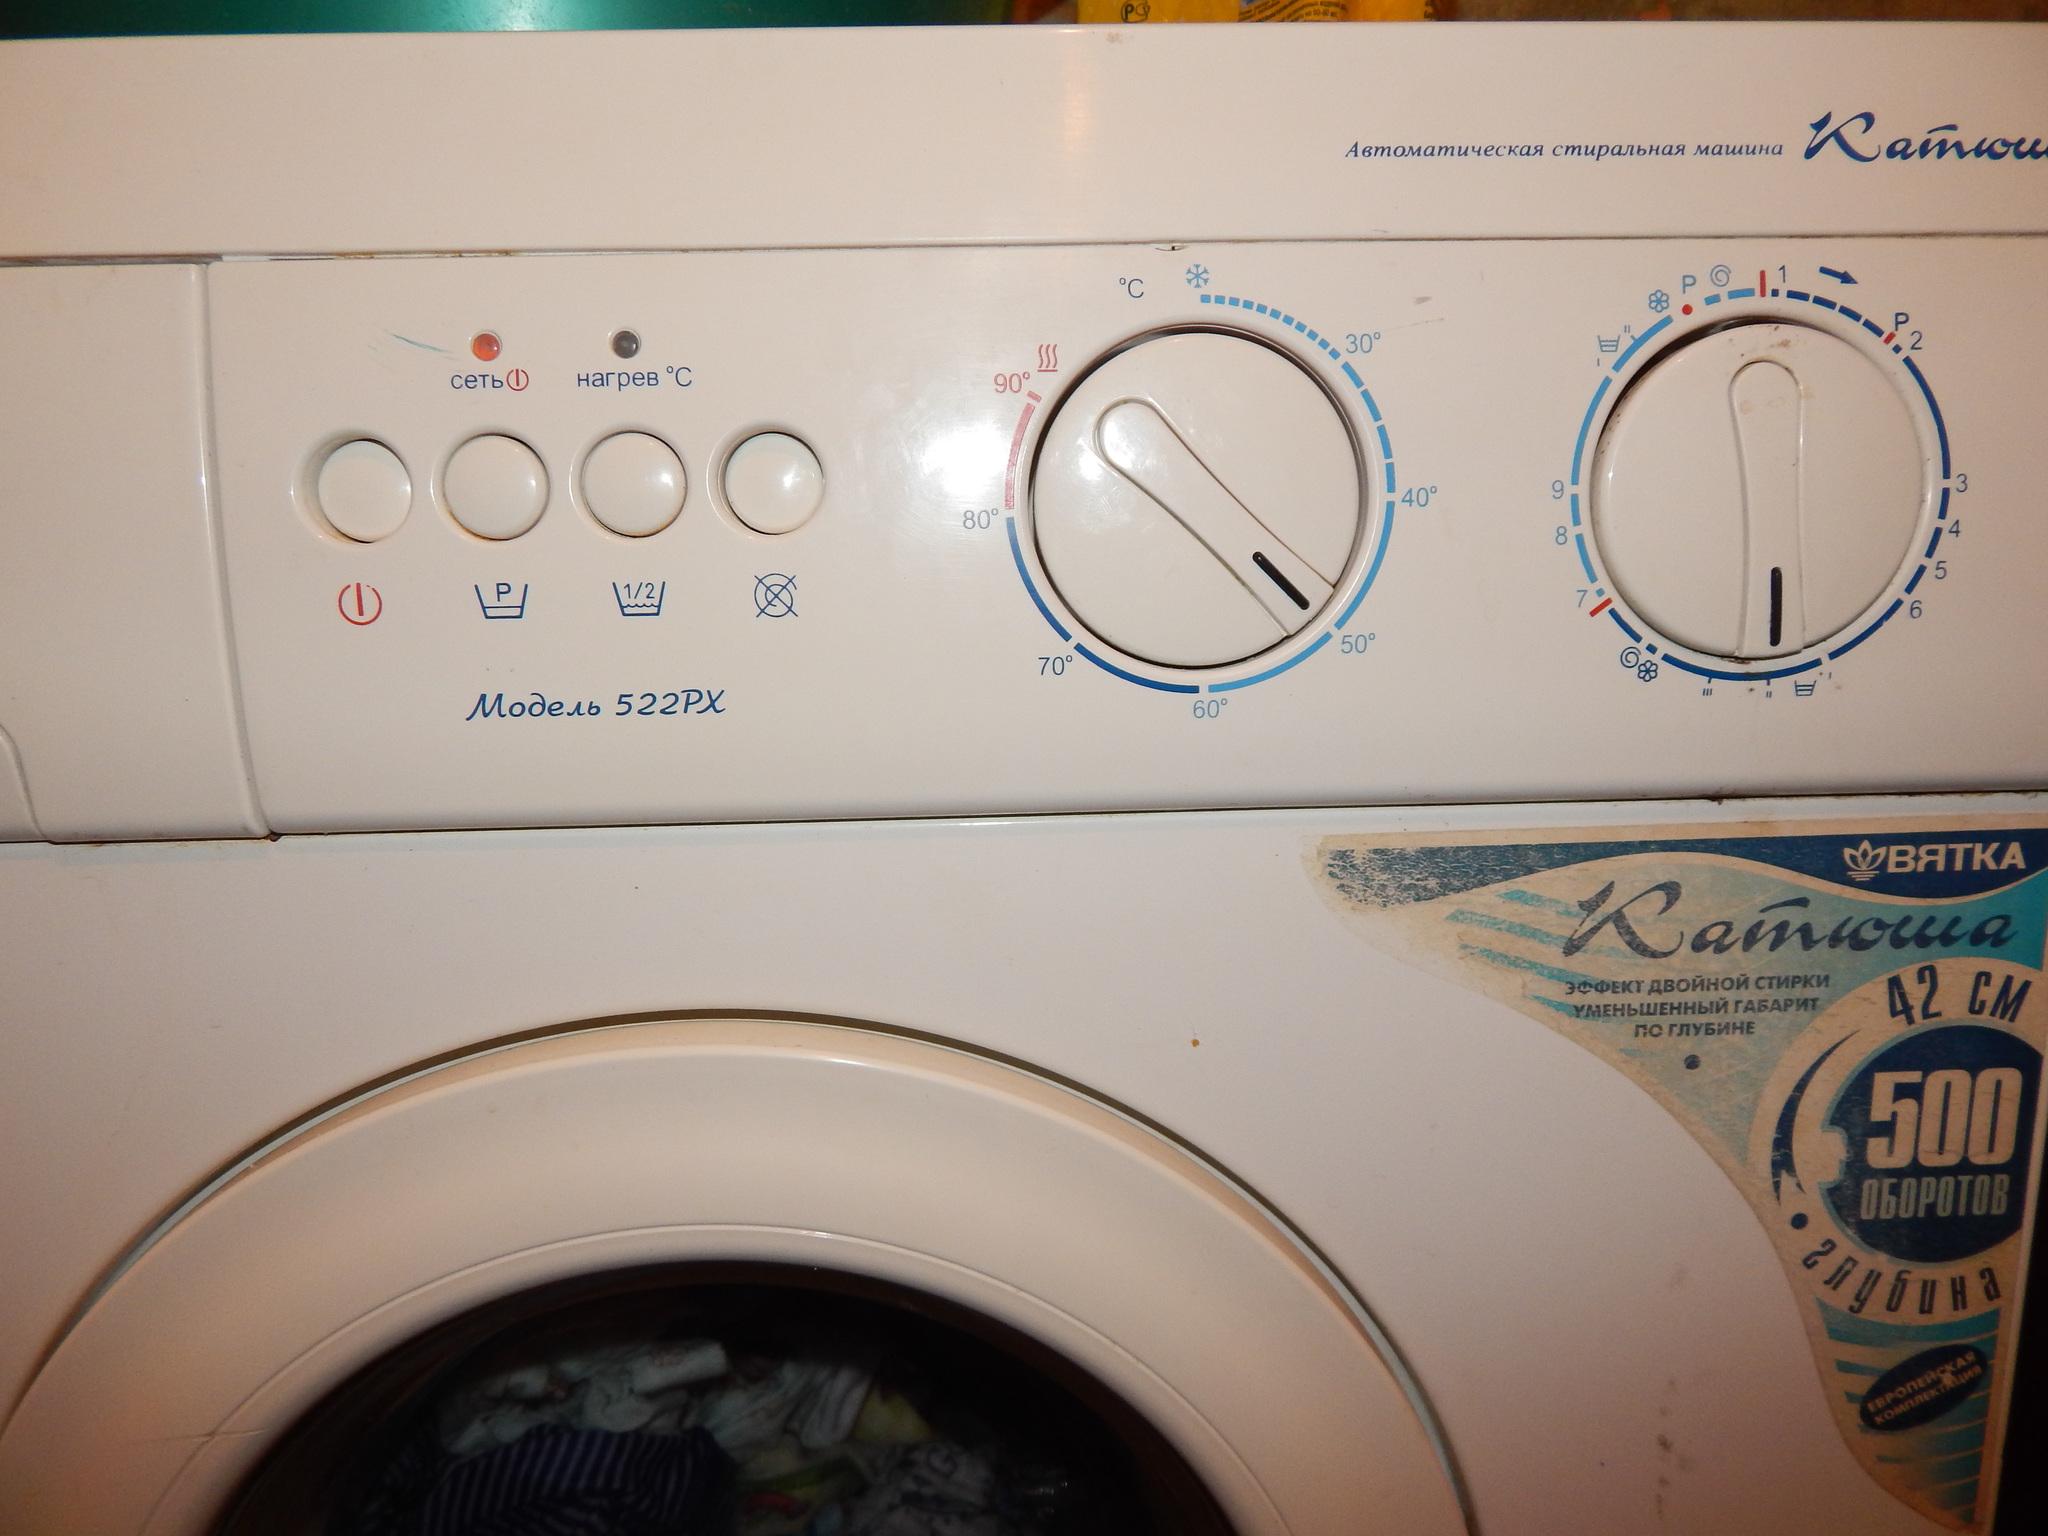 Инструкция стиральной машины вятка катюша